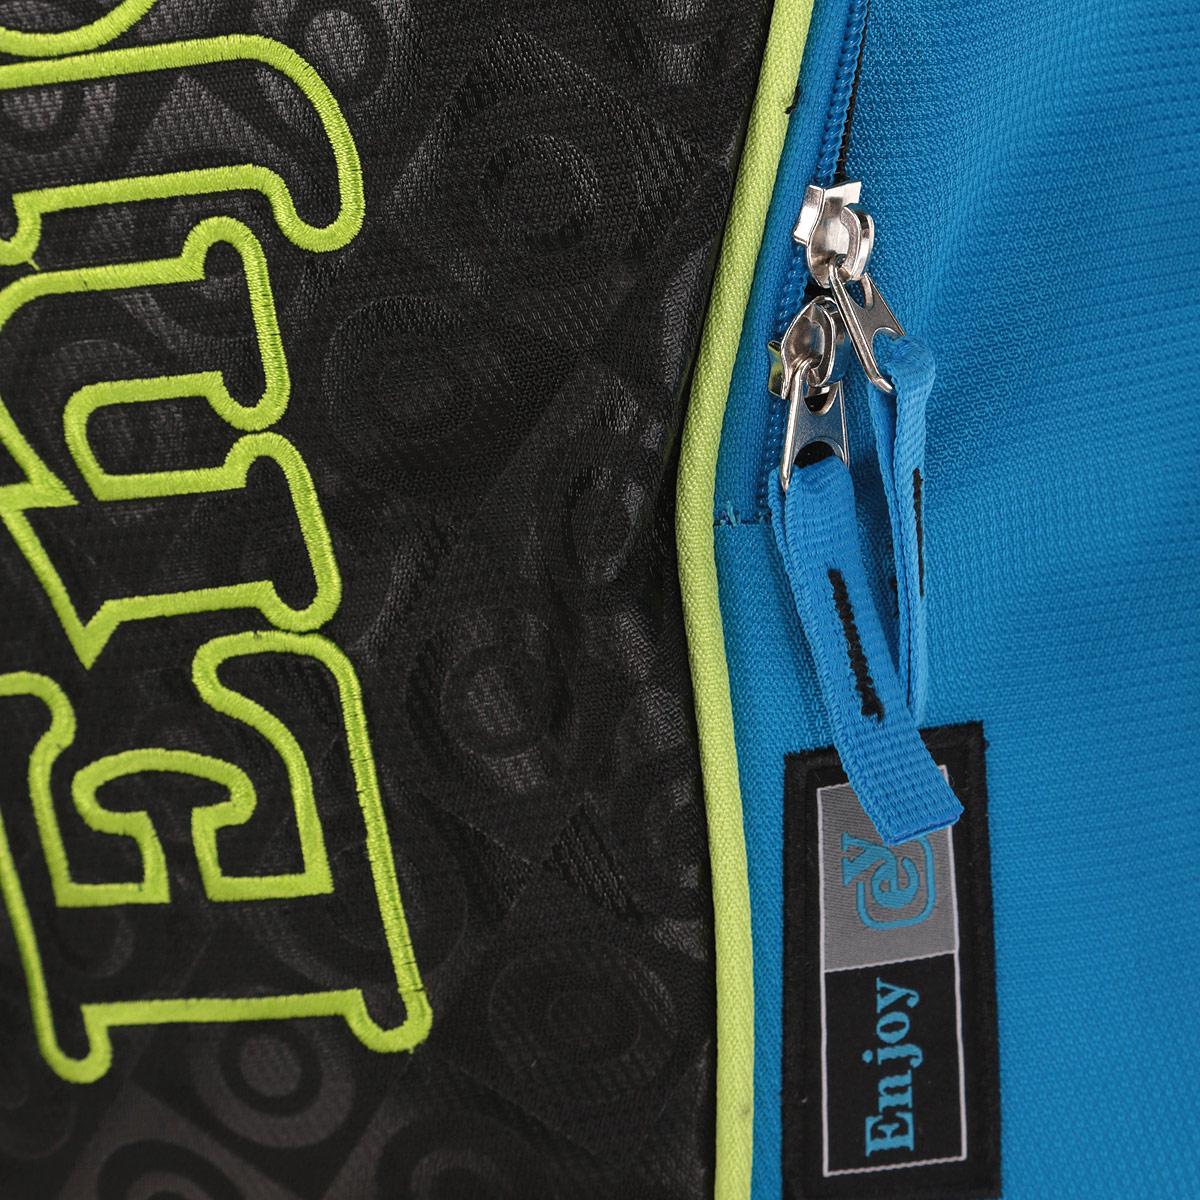 """Рюкзак Proff """"Enjoy"""", цвет: синий, черный, зеленый. PF201443"""